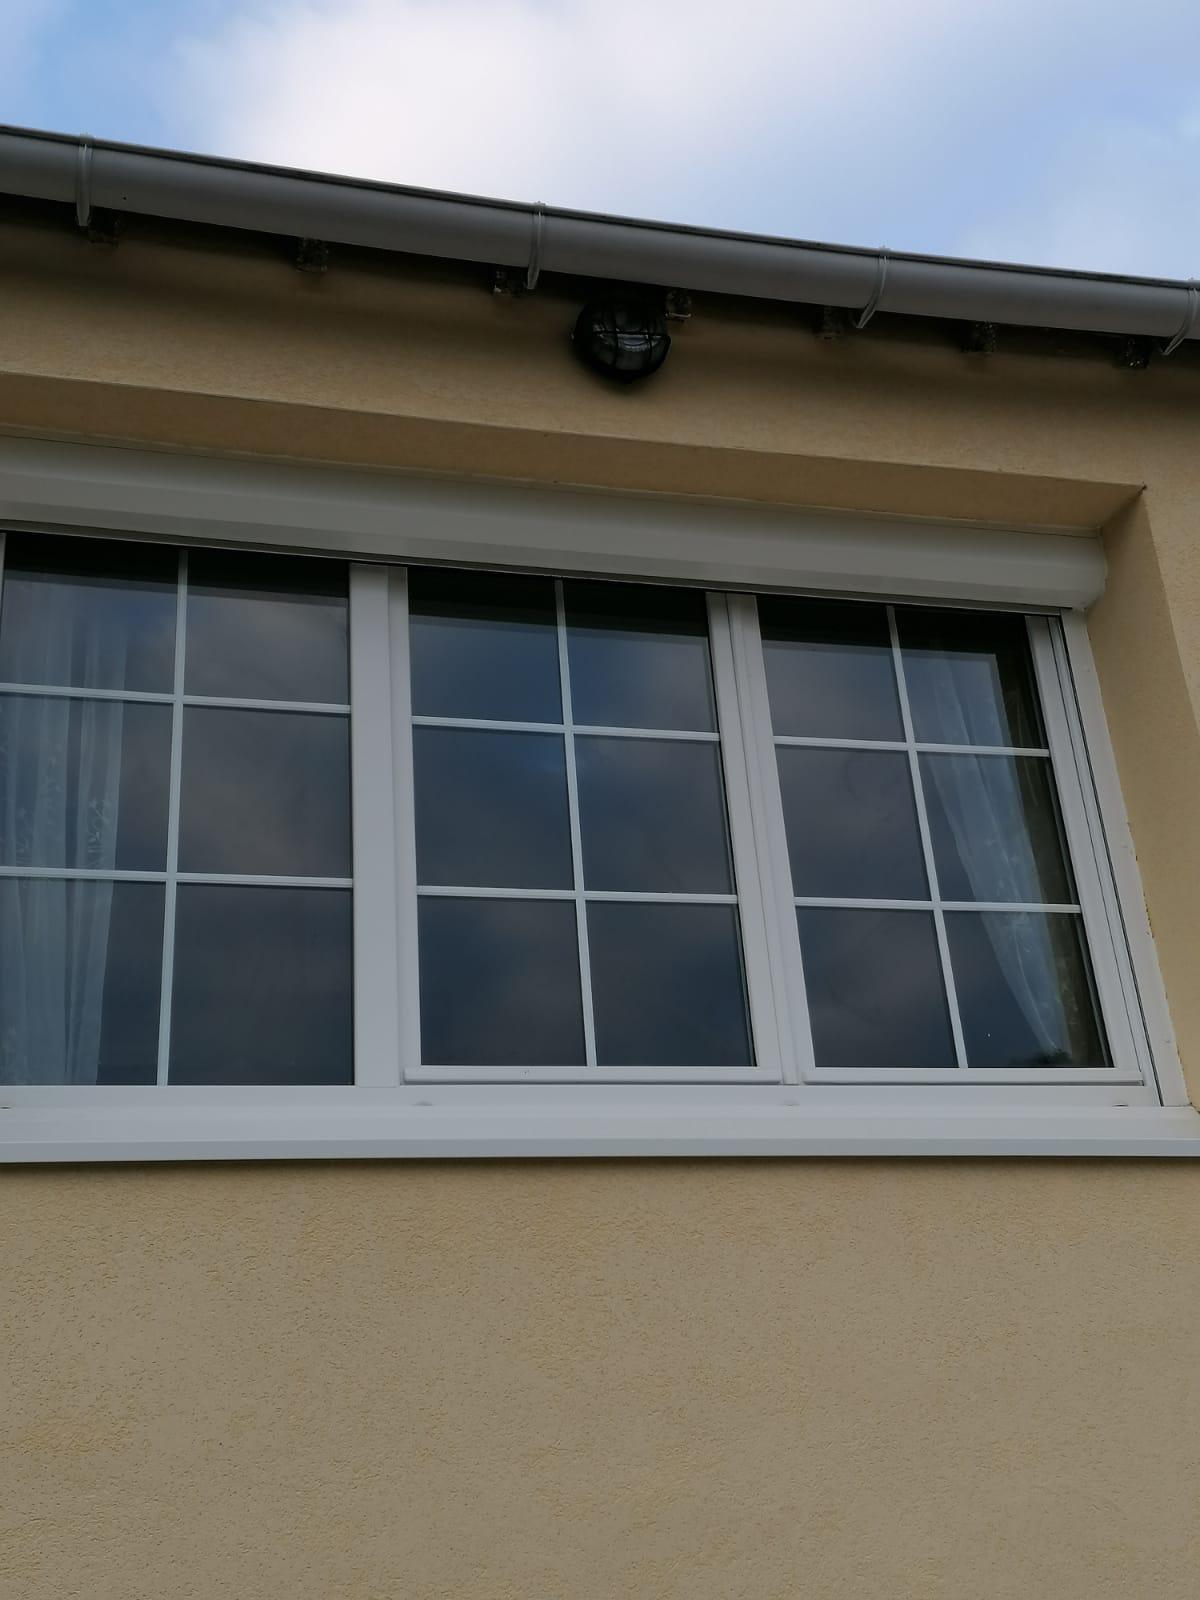 Pose de fenêtre isolante